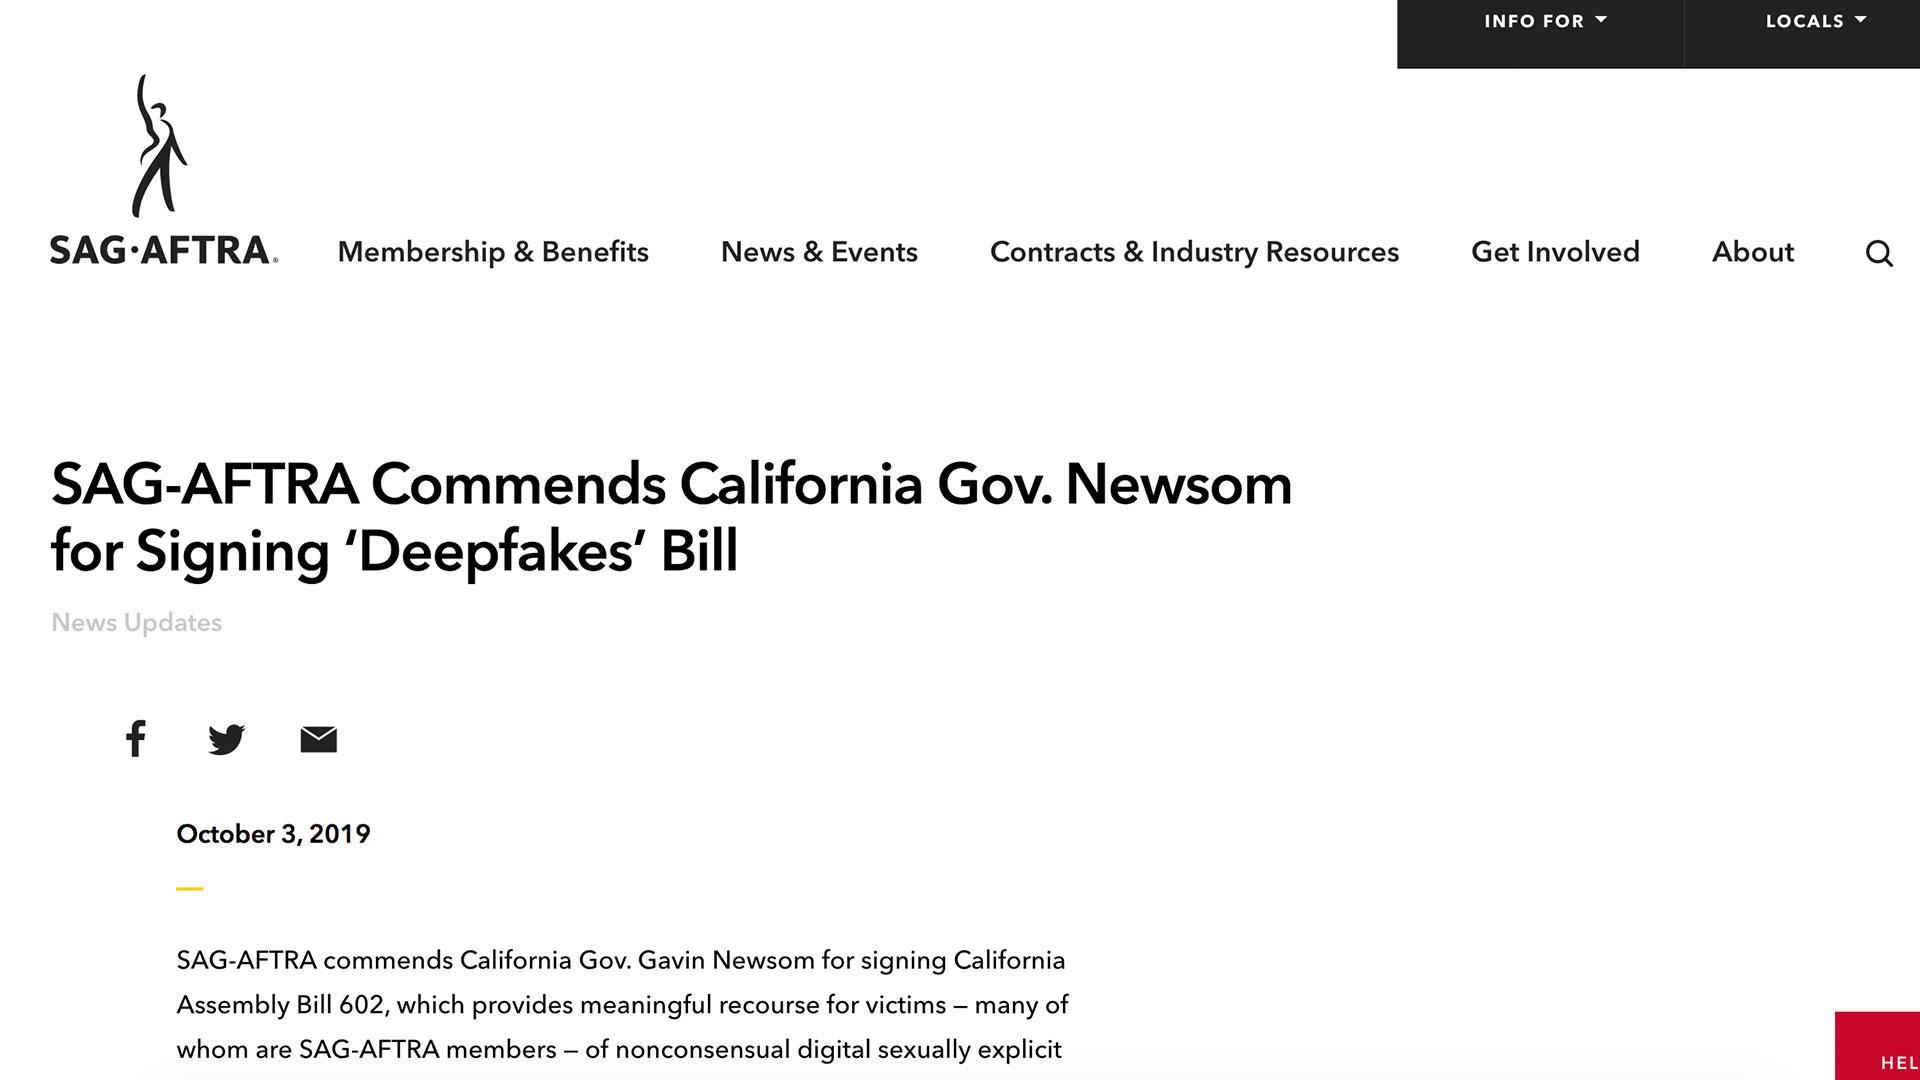 Fairness Rocks News SAG-AFTRA Commends California Gov. Newsom for Signing 'Deepfakes' Bill